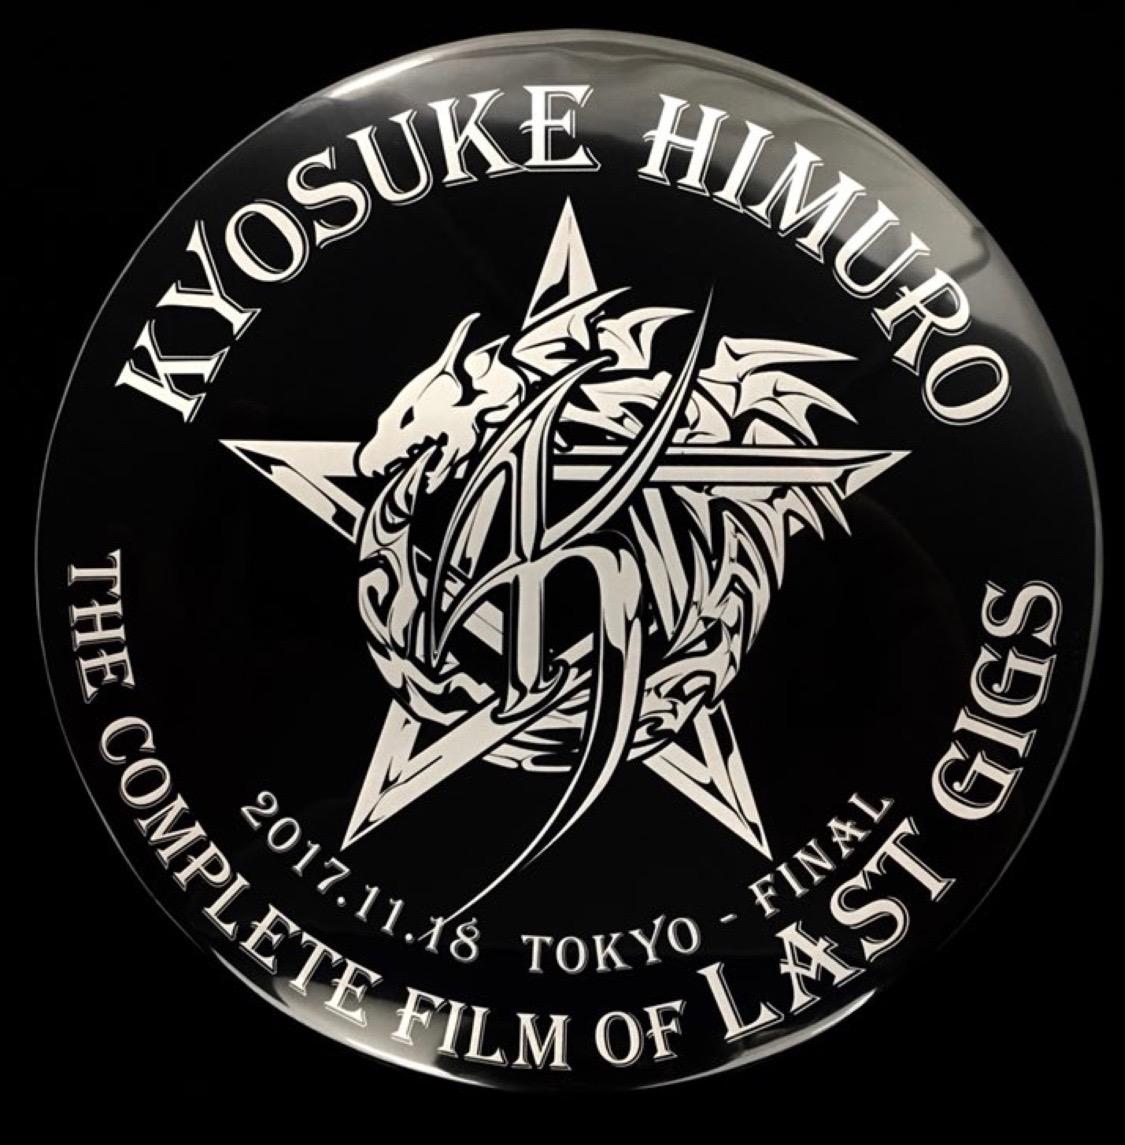 氷室京介 ご当地缶バッジ BIG ウロボロス ver. 東京 八王子 11/18 限定 THE COMPLETE FILM OF LAST GIGS フィルムコンサートツアー 、